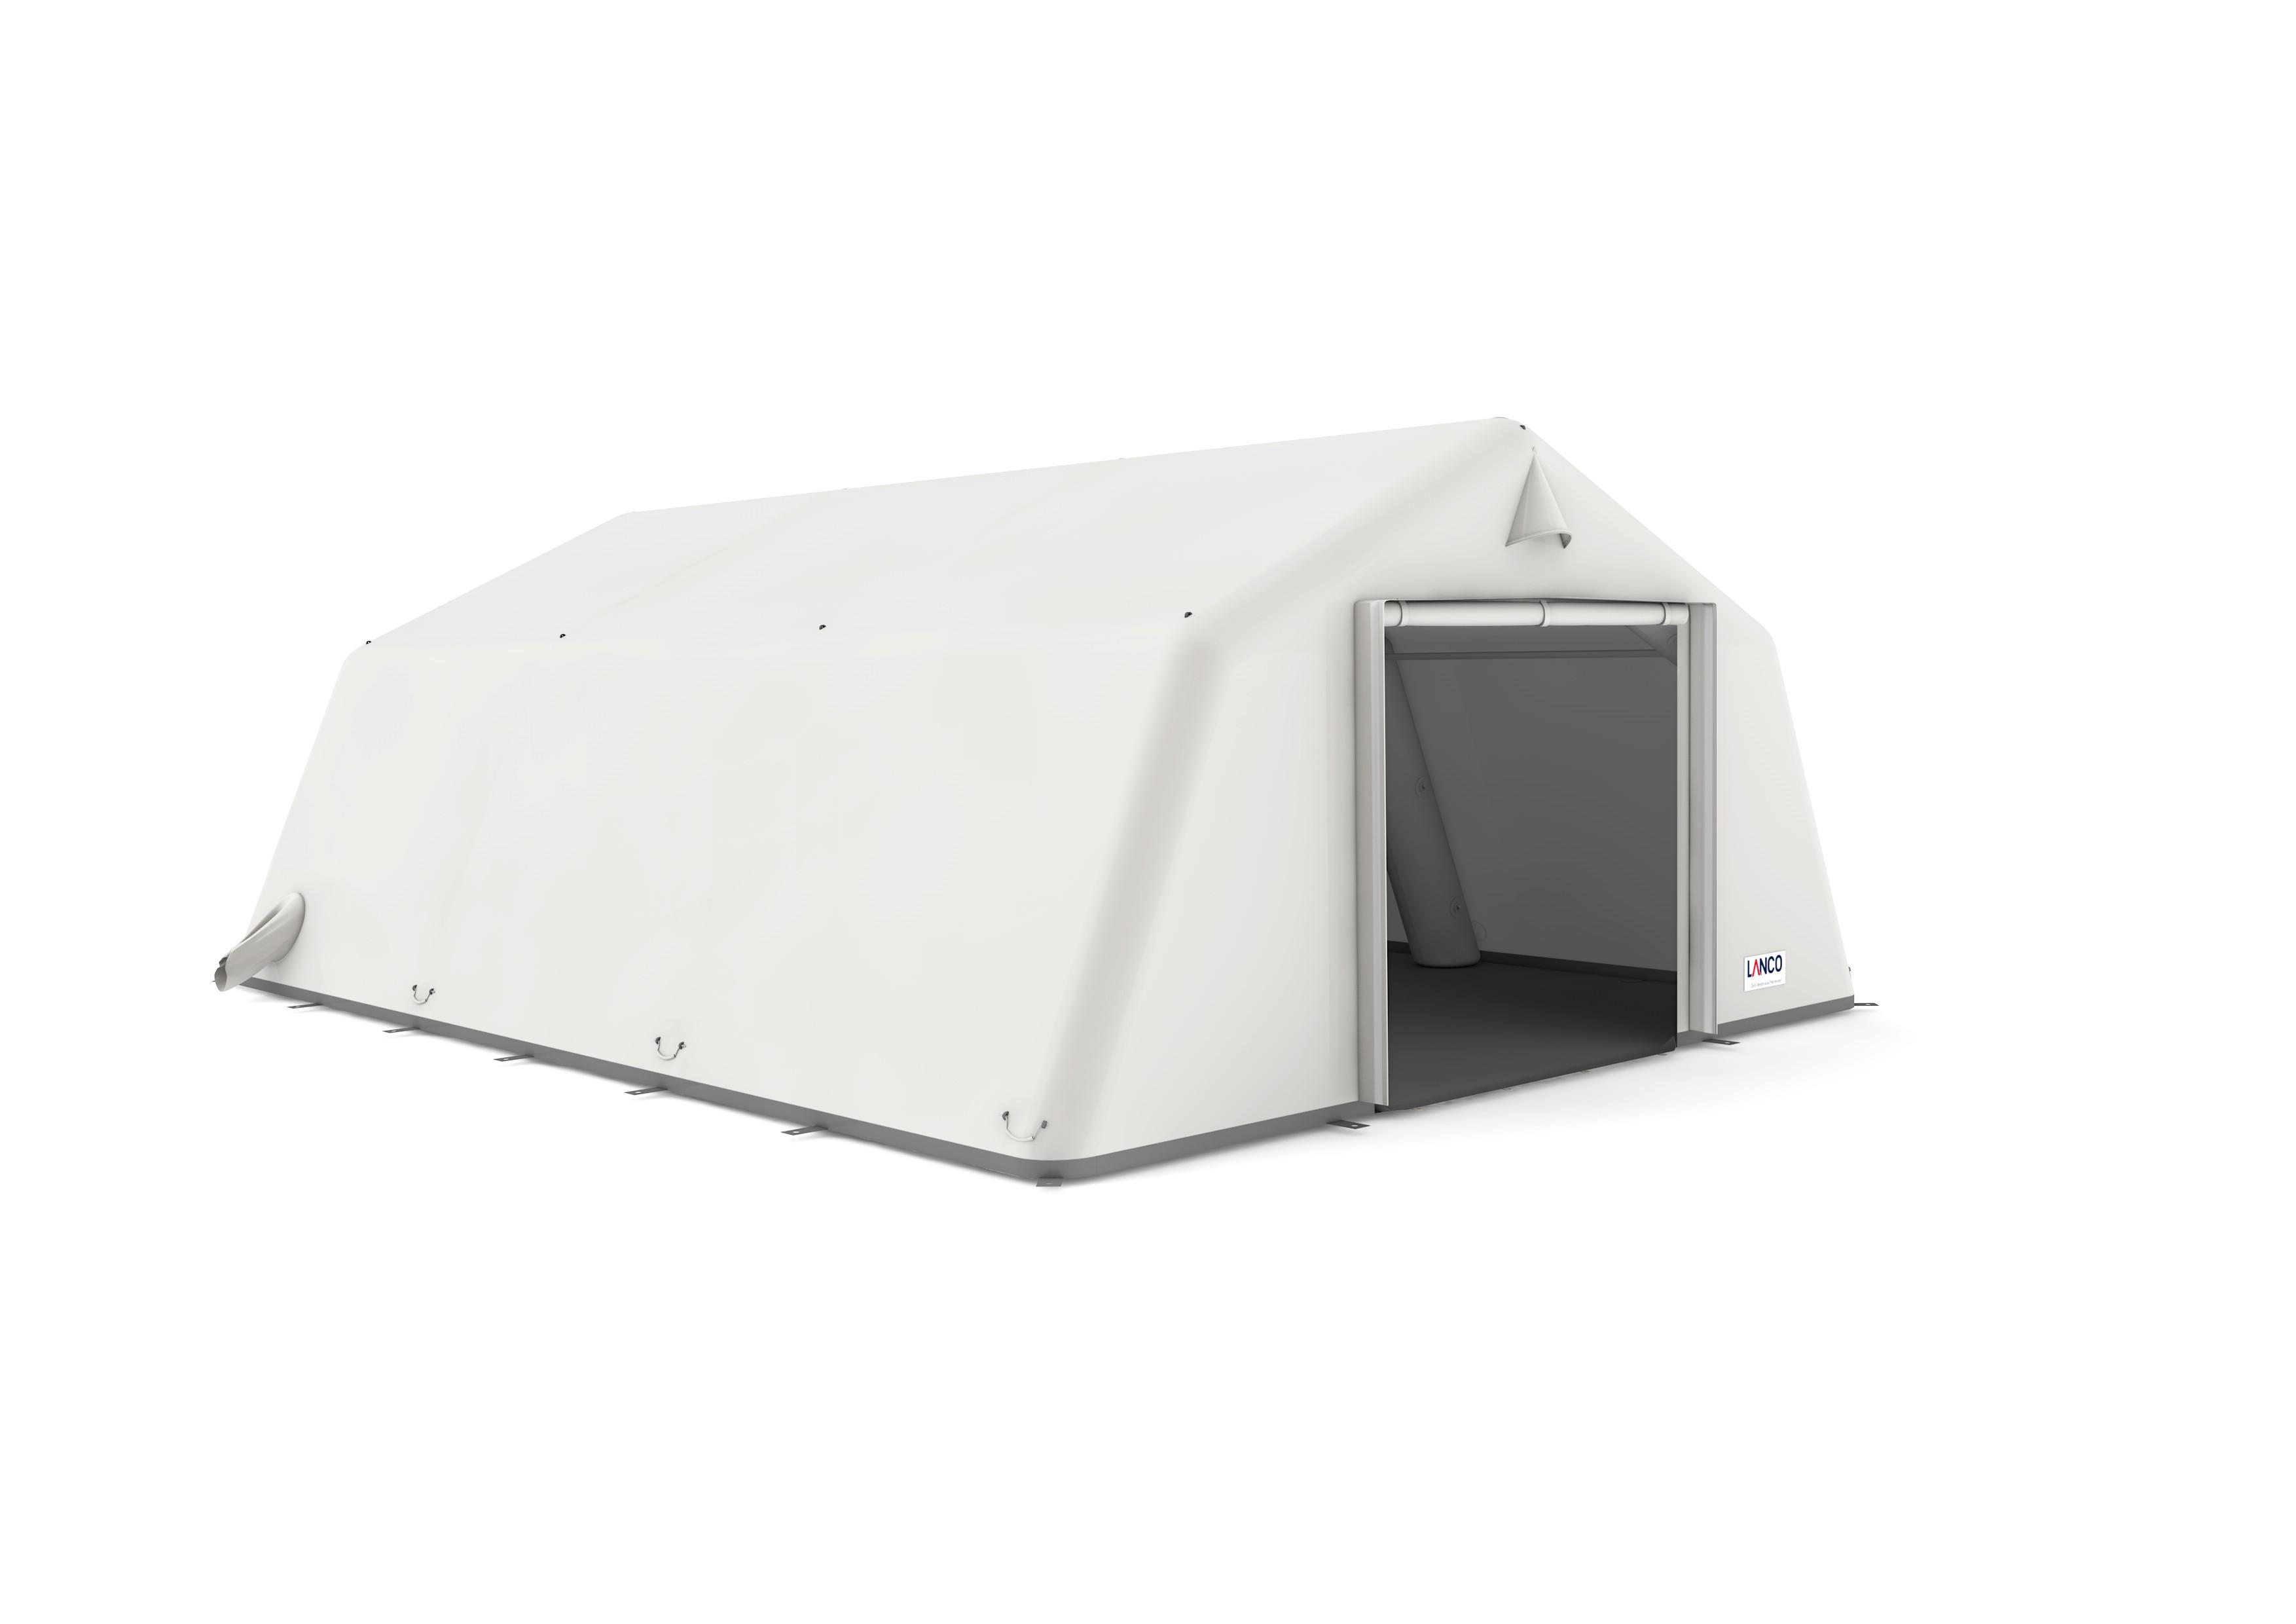 Arz 45h aufblasbare rettungszelte zelte lanco zelte for Fenster 60x40